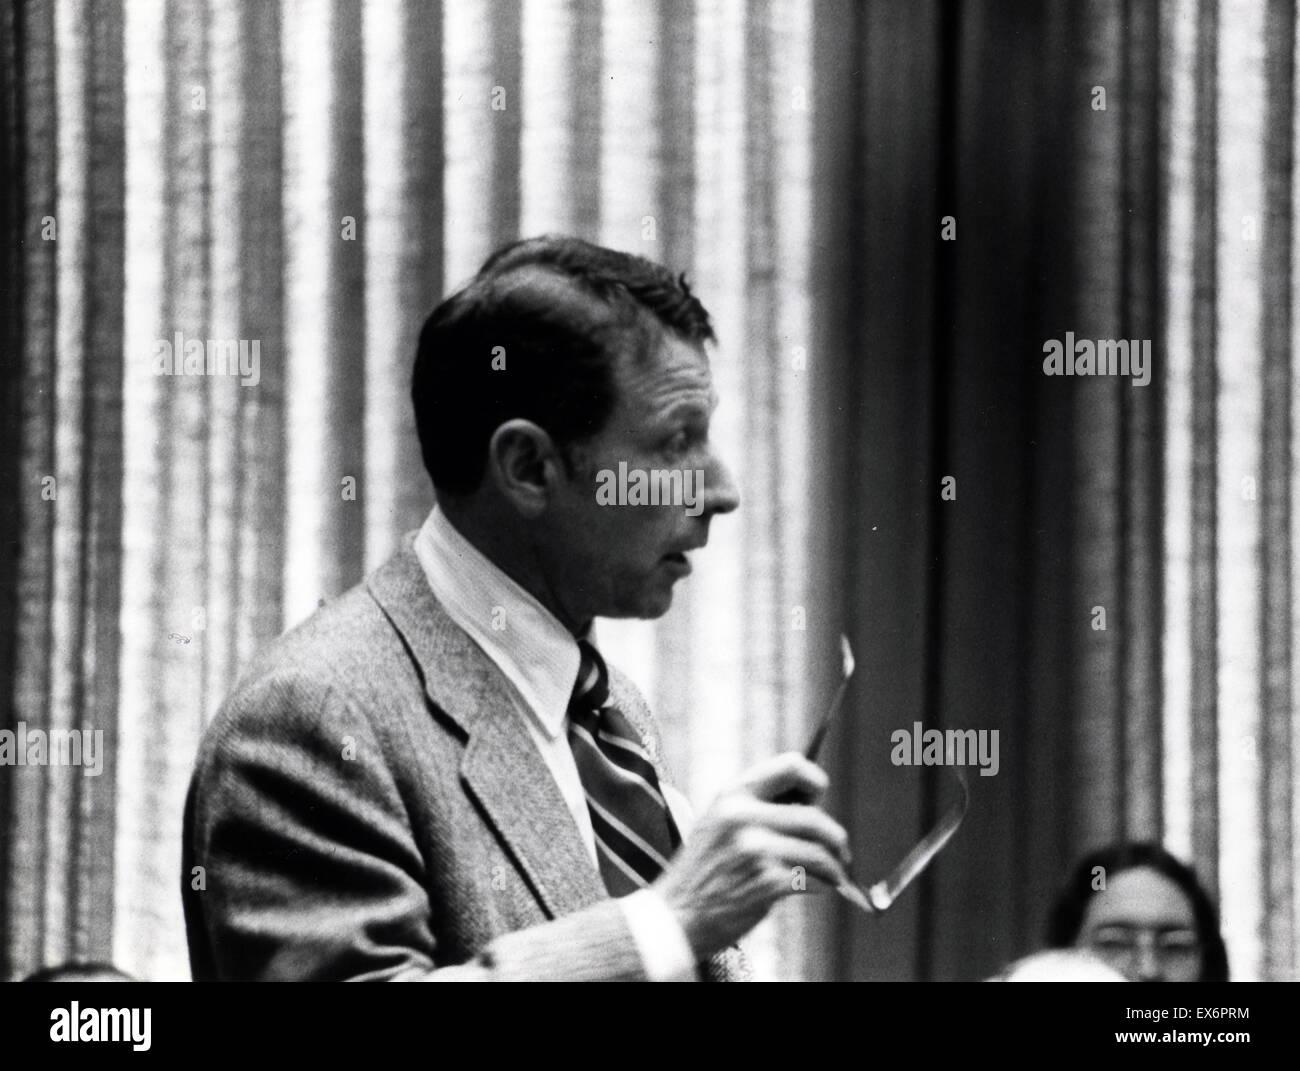 US-amerikanischer Biochemiker Paul Berg (geboren 30. Juni 1926) und emeritierter Professor an der Stanford University. Stockbild